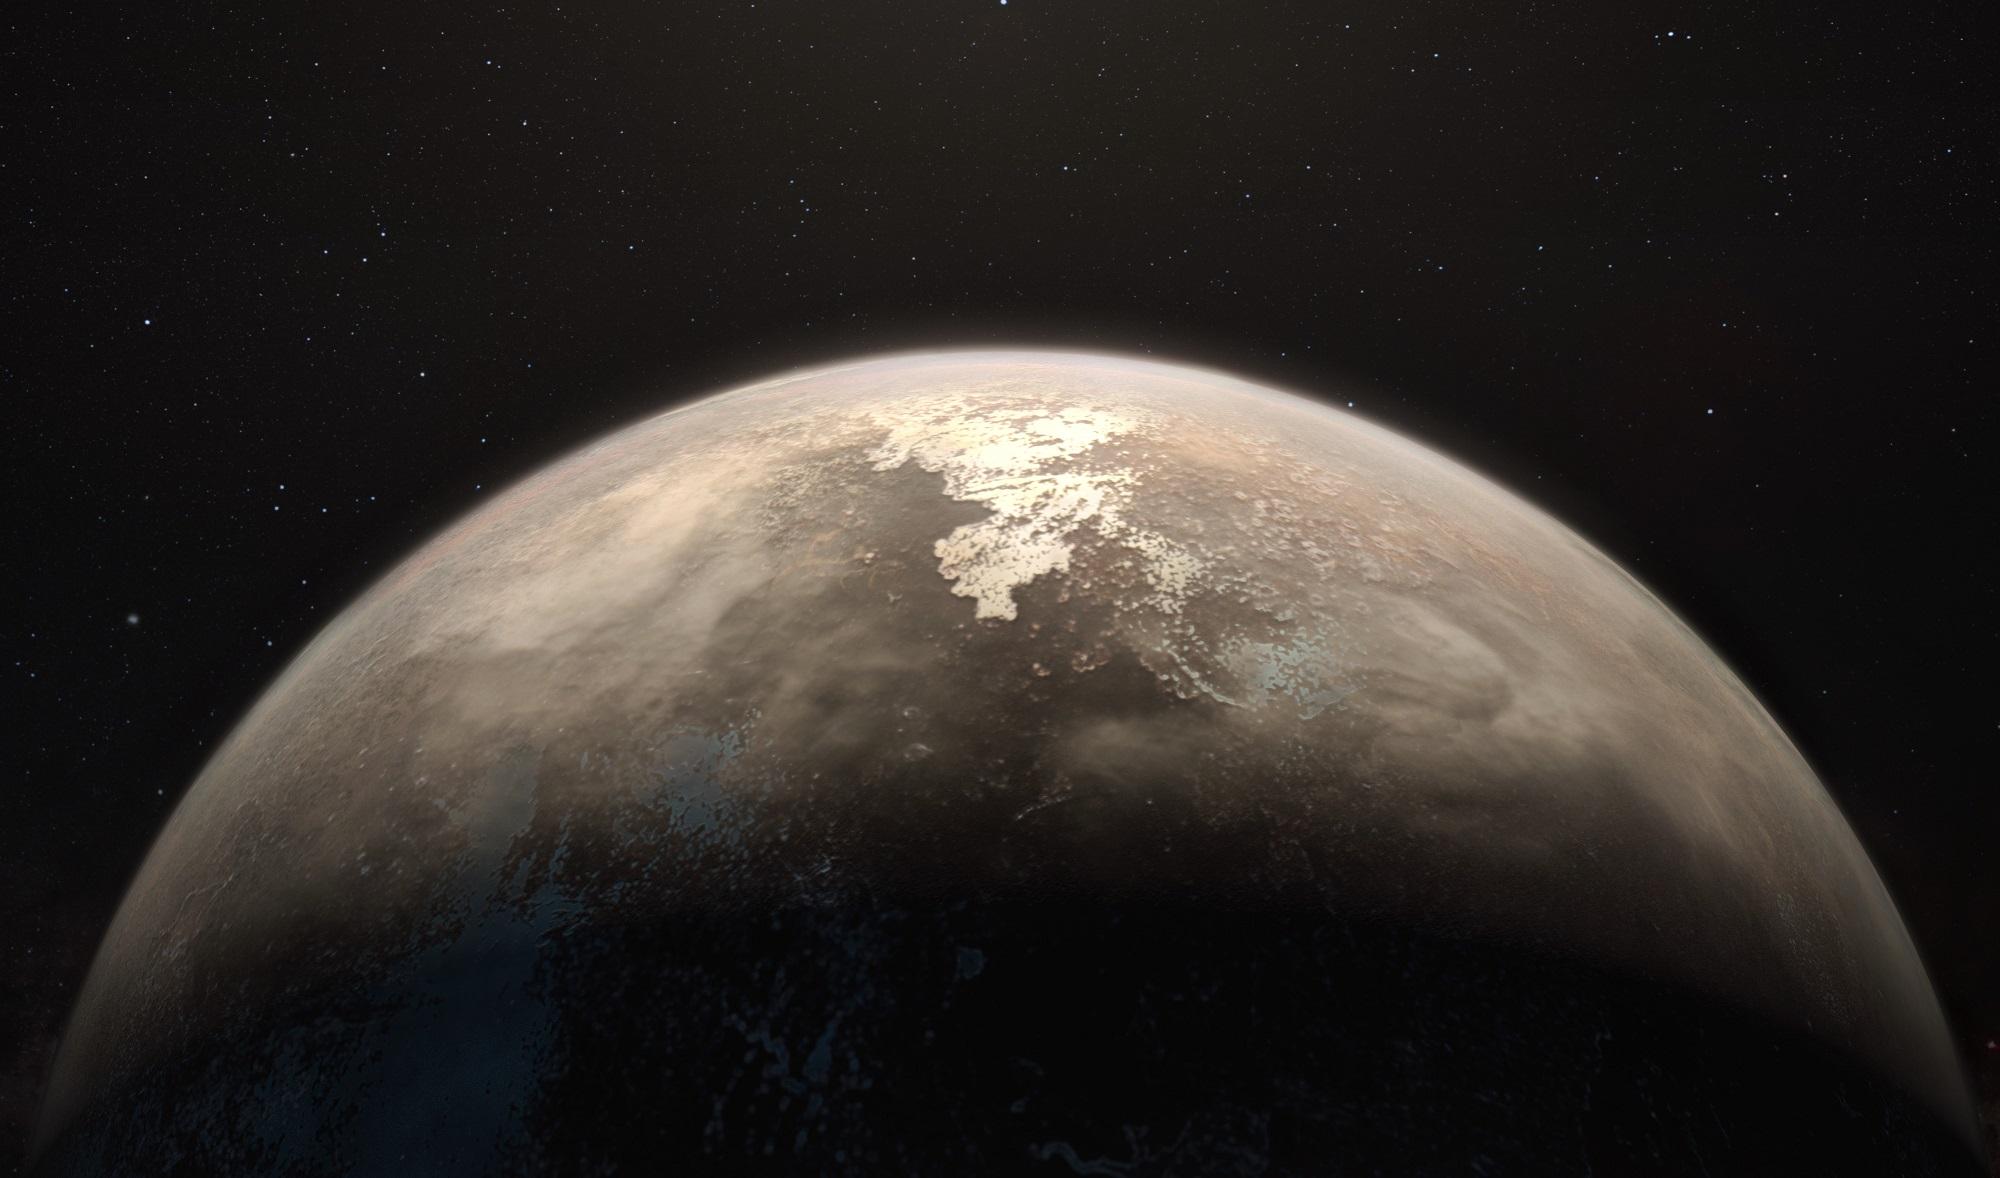 Des scientifiques ont découvert une nouvelle planète qui pourrait abriter la vie !